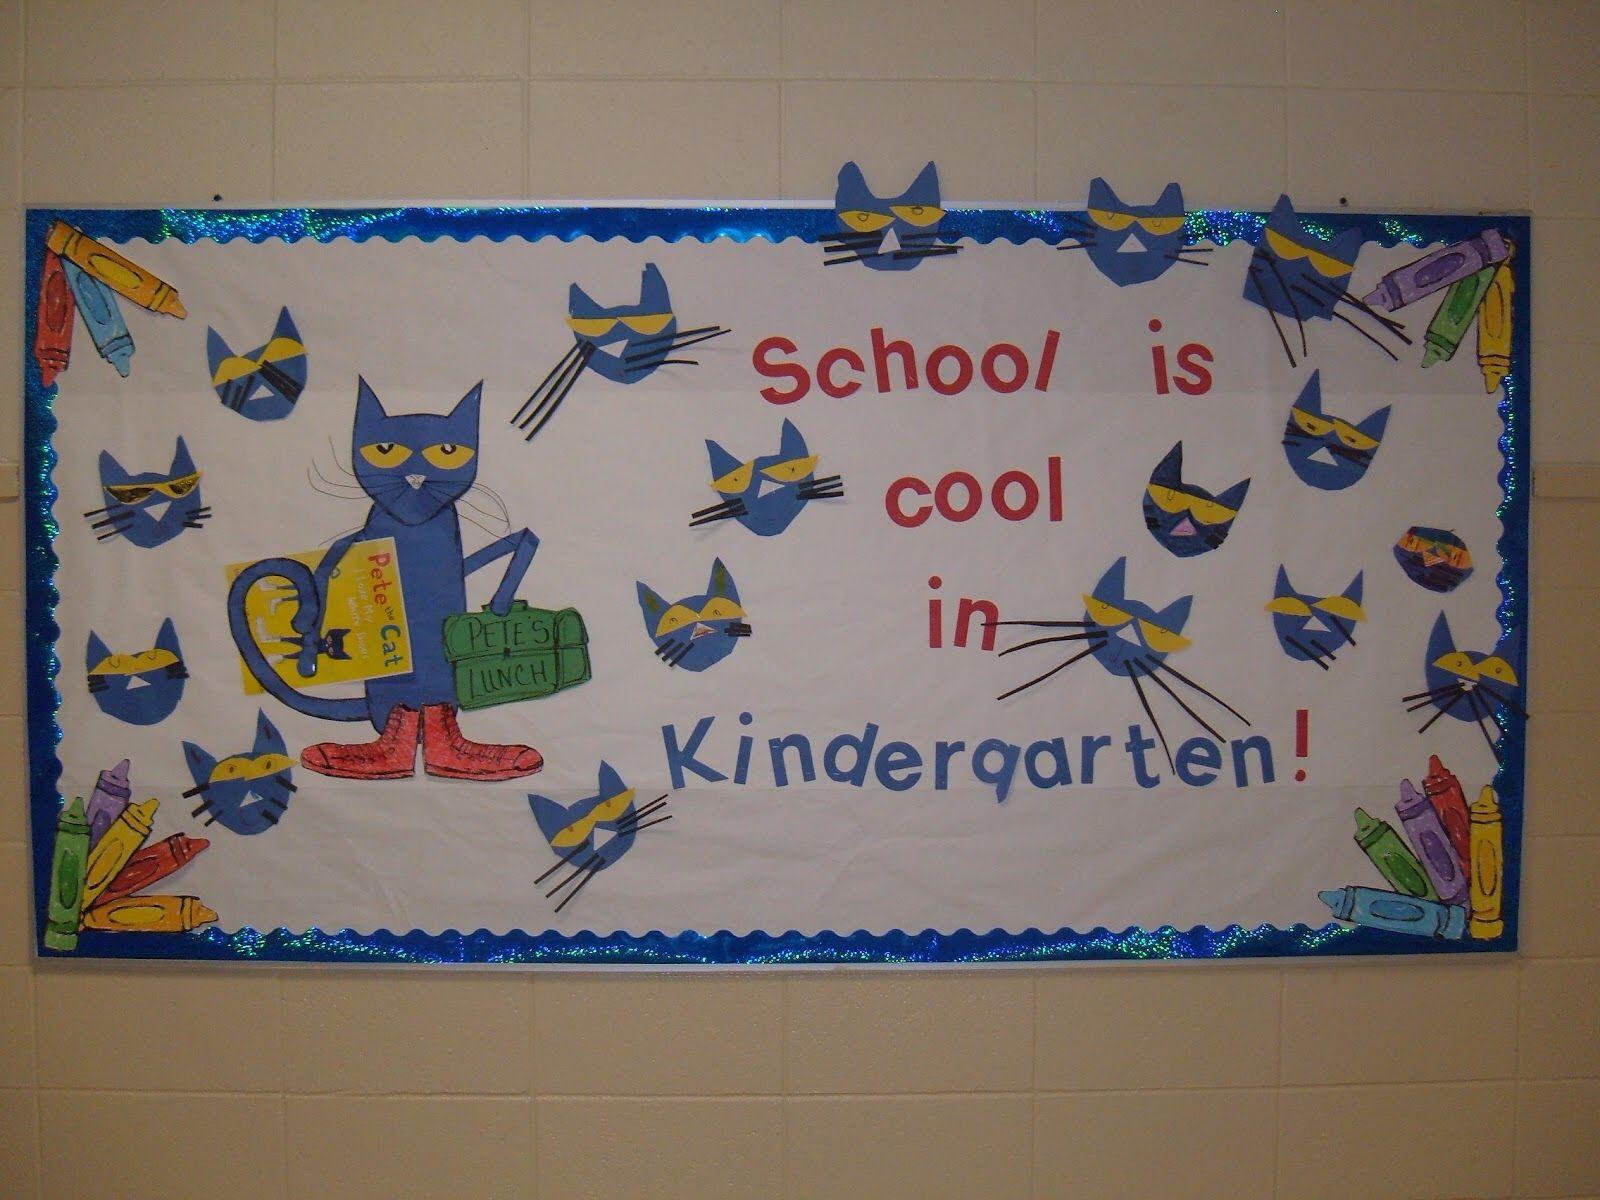 School Is Cool In Kindergarten Kindergartenkissesspot 10 Pete Cat M 1